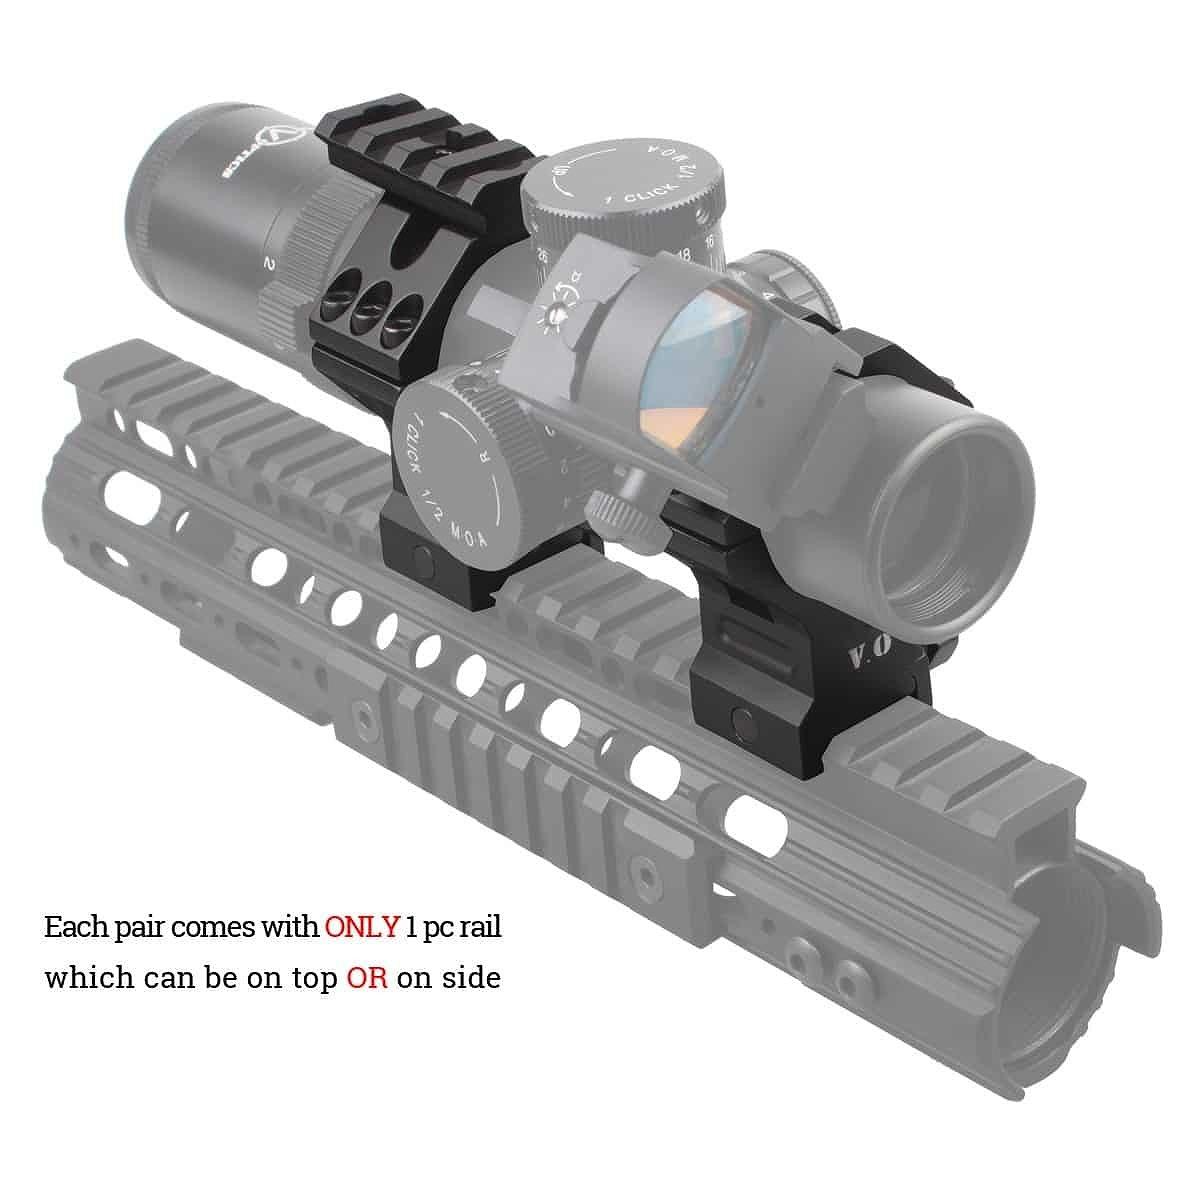 ベクターオプティクス スコープマウント 35/34mm Tactical HighProfile Picatinny Rings  Vector Optics SCTM-32